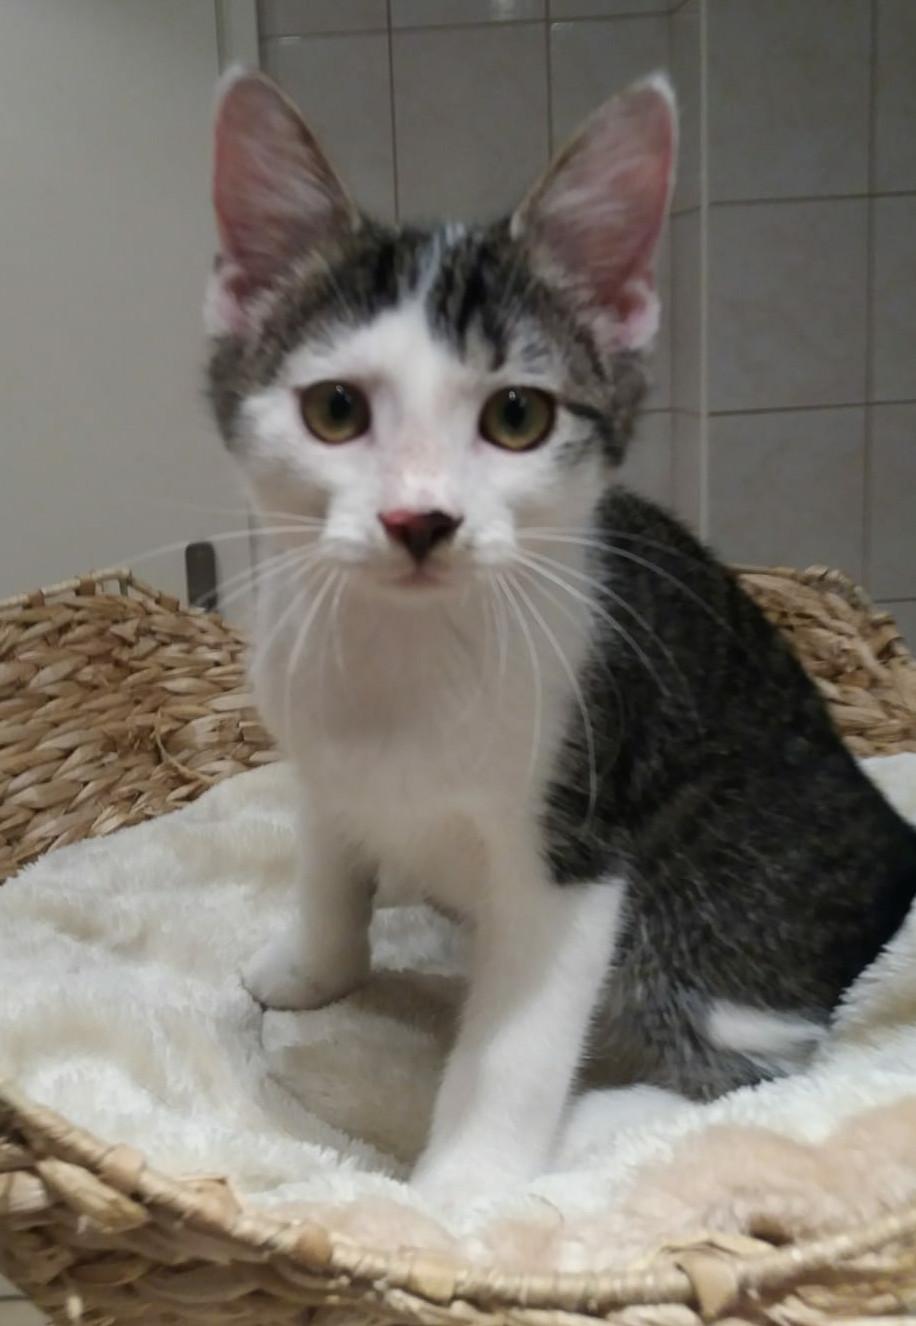 weiß-grau-getiegertes Kitten sitzt in einem Korb, schaut in die Kamera